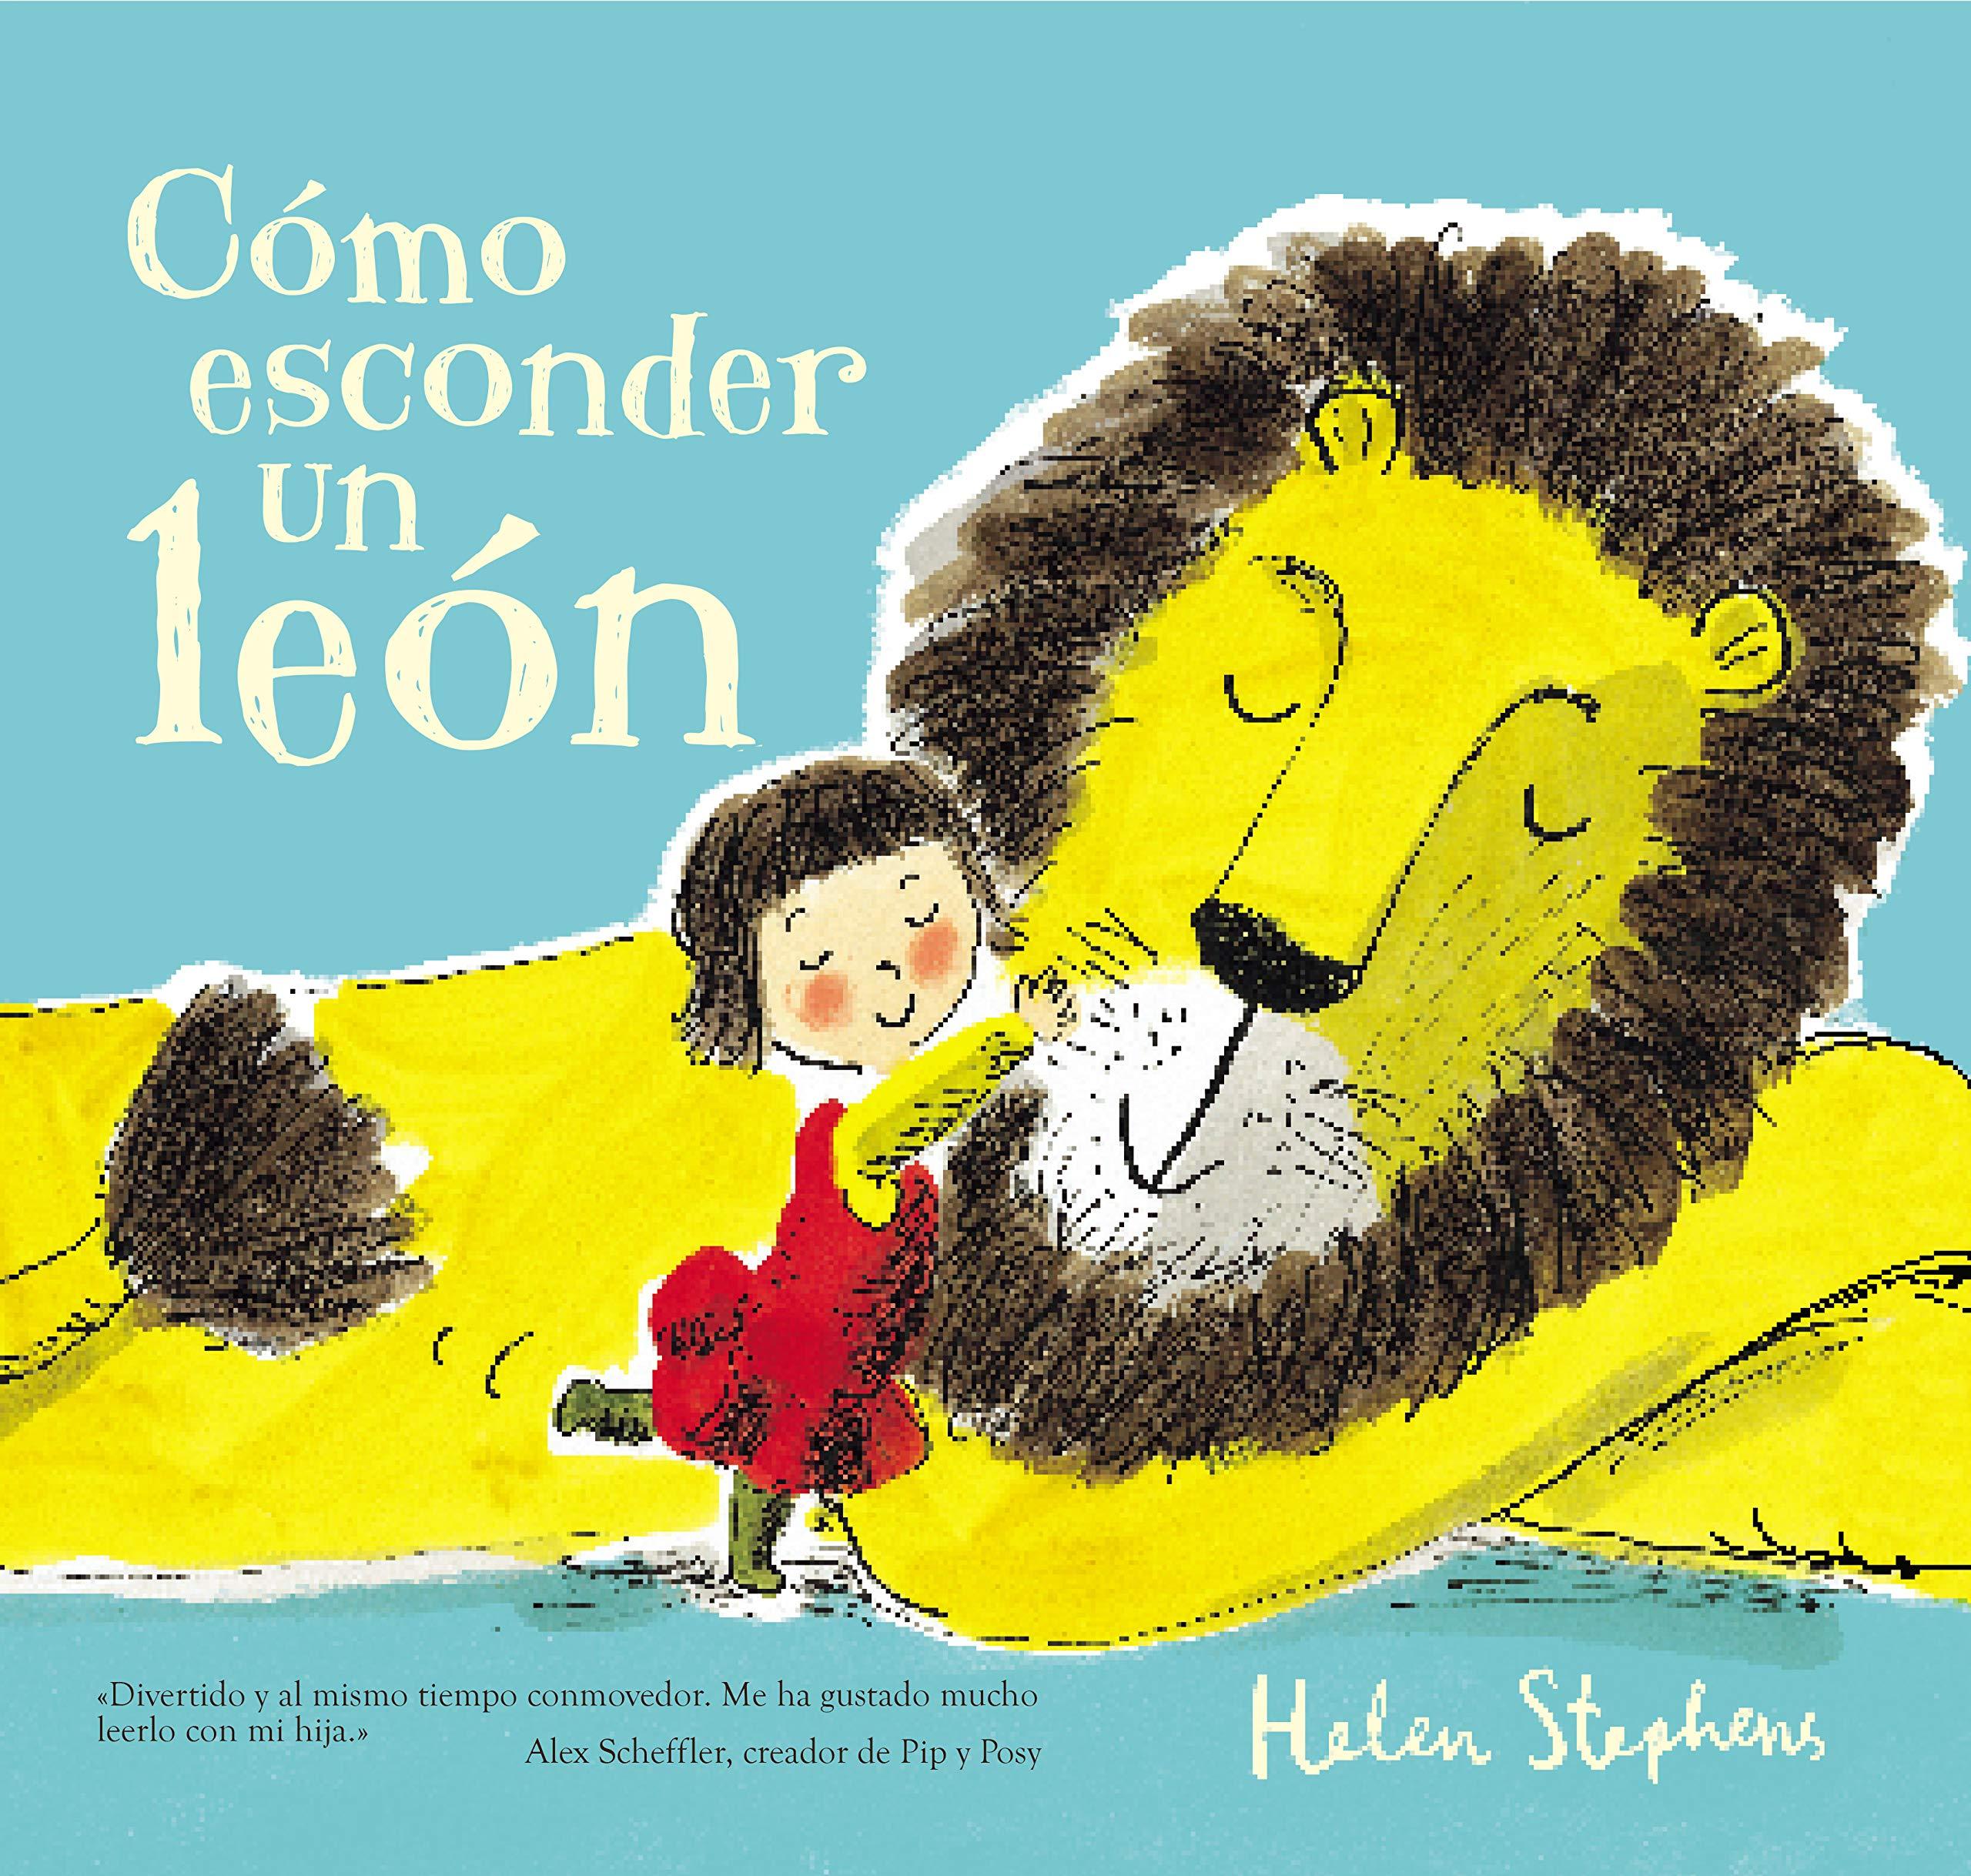 Cómo esconder un león (Cuentos infantiles): Amazon.es: Helen ...